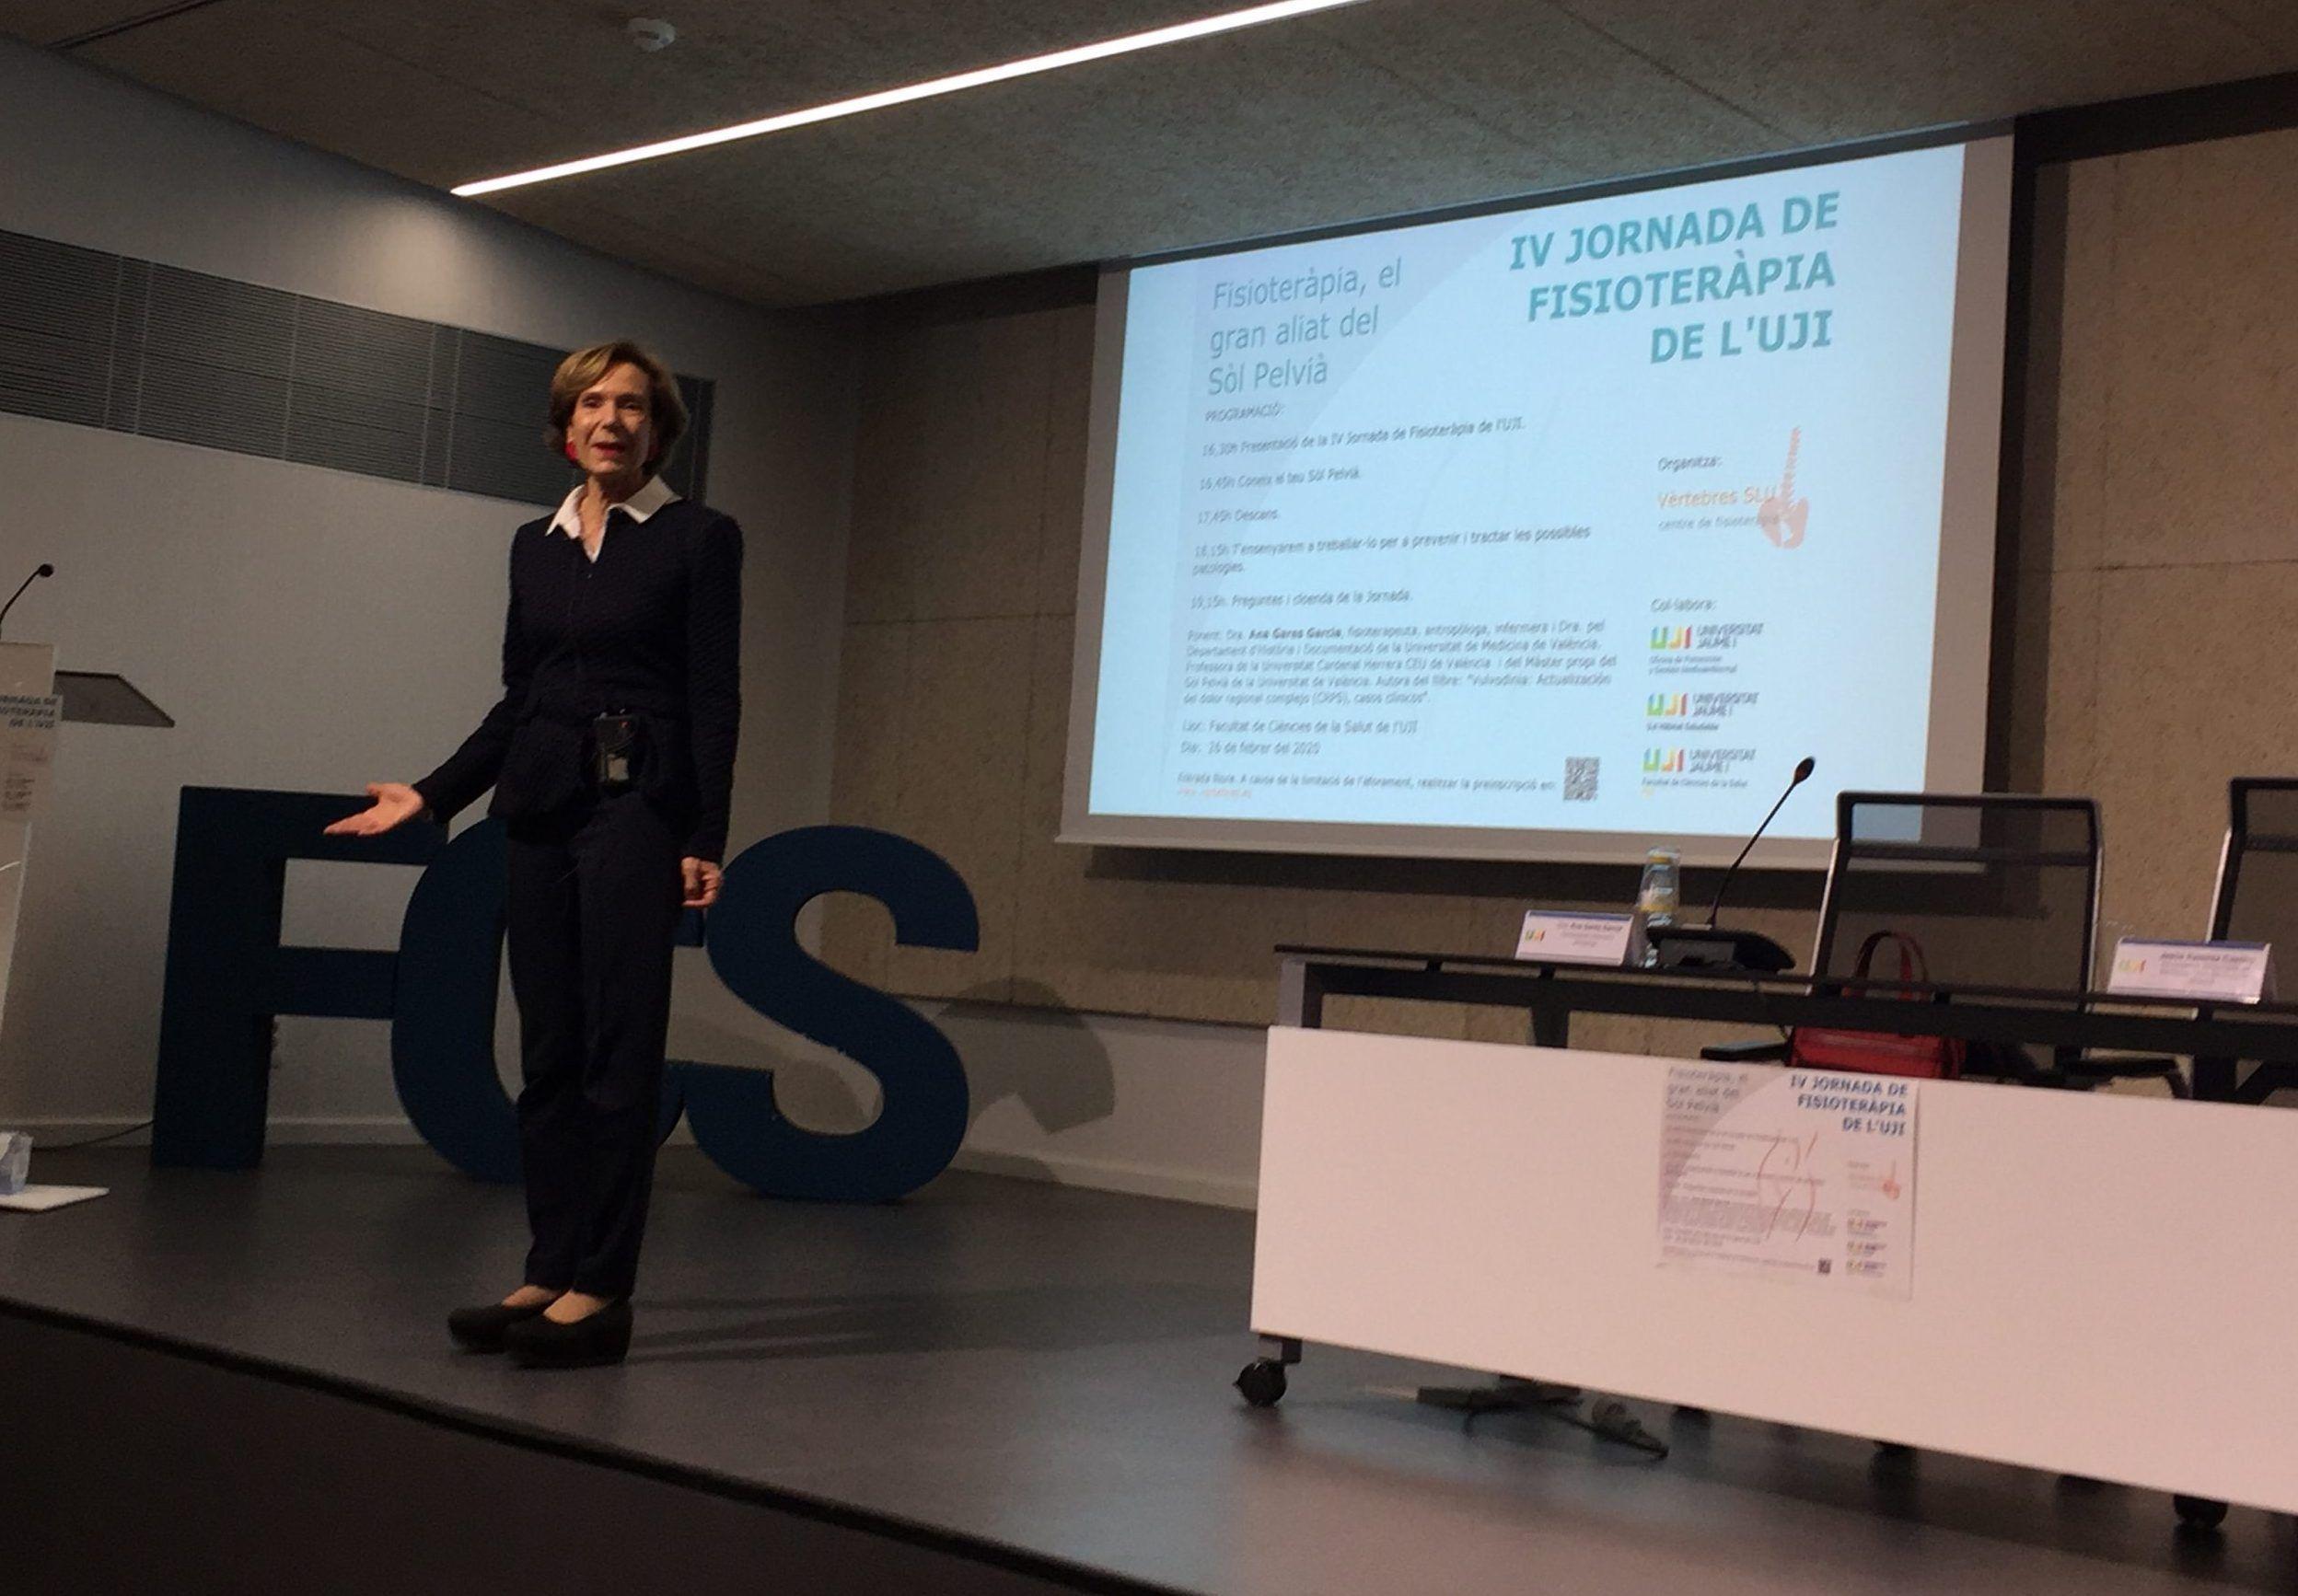 Las aliadas del suelo pélvico: Ana Garés impartiendo la IV Jornada de Fisioterapia de la UJI en Castellón